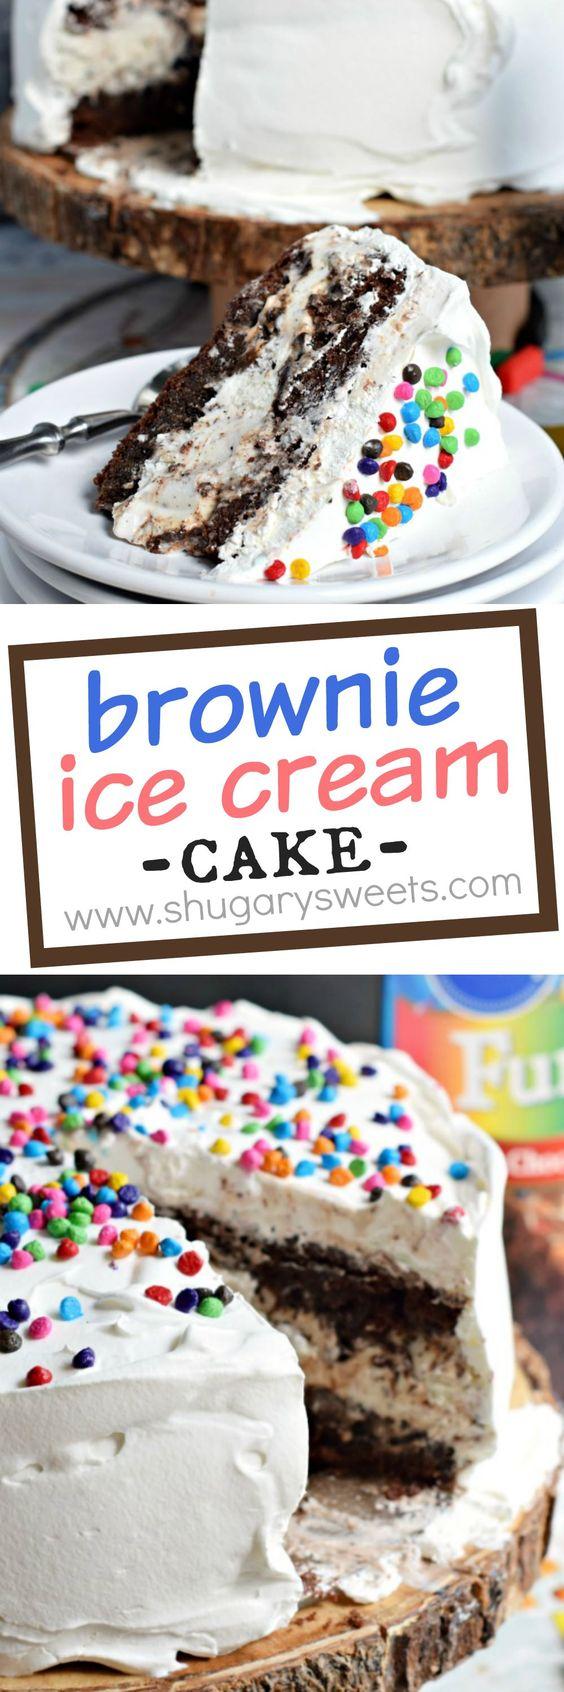 Cookies and Cream Brownie Ice Cream Cake: the perfect dessert recipe! @pillsburybaking #sponsored